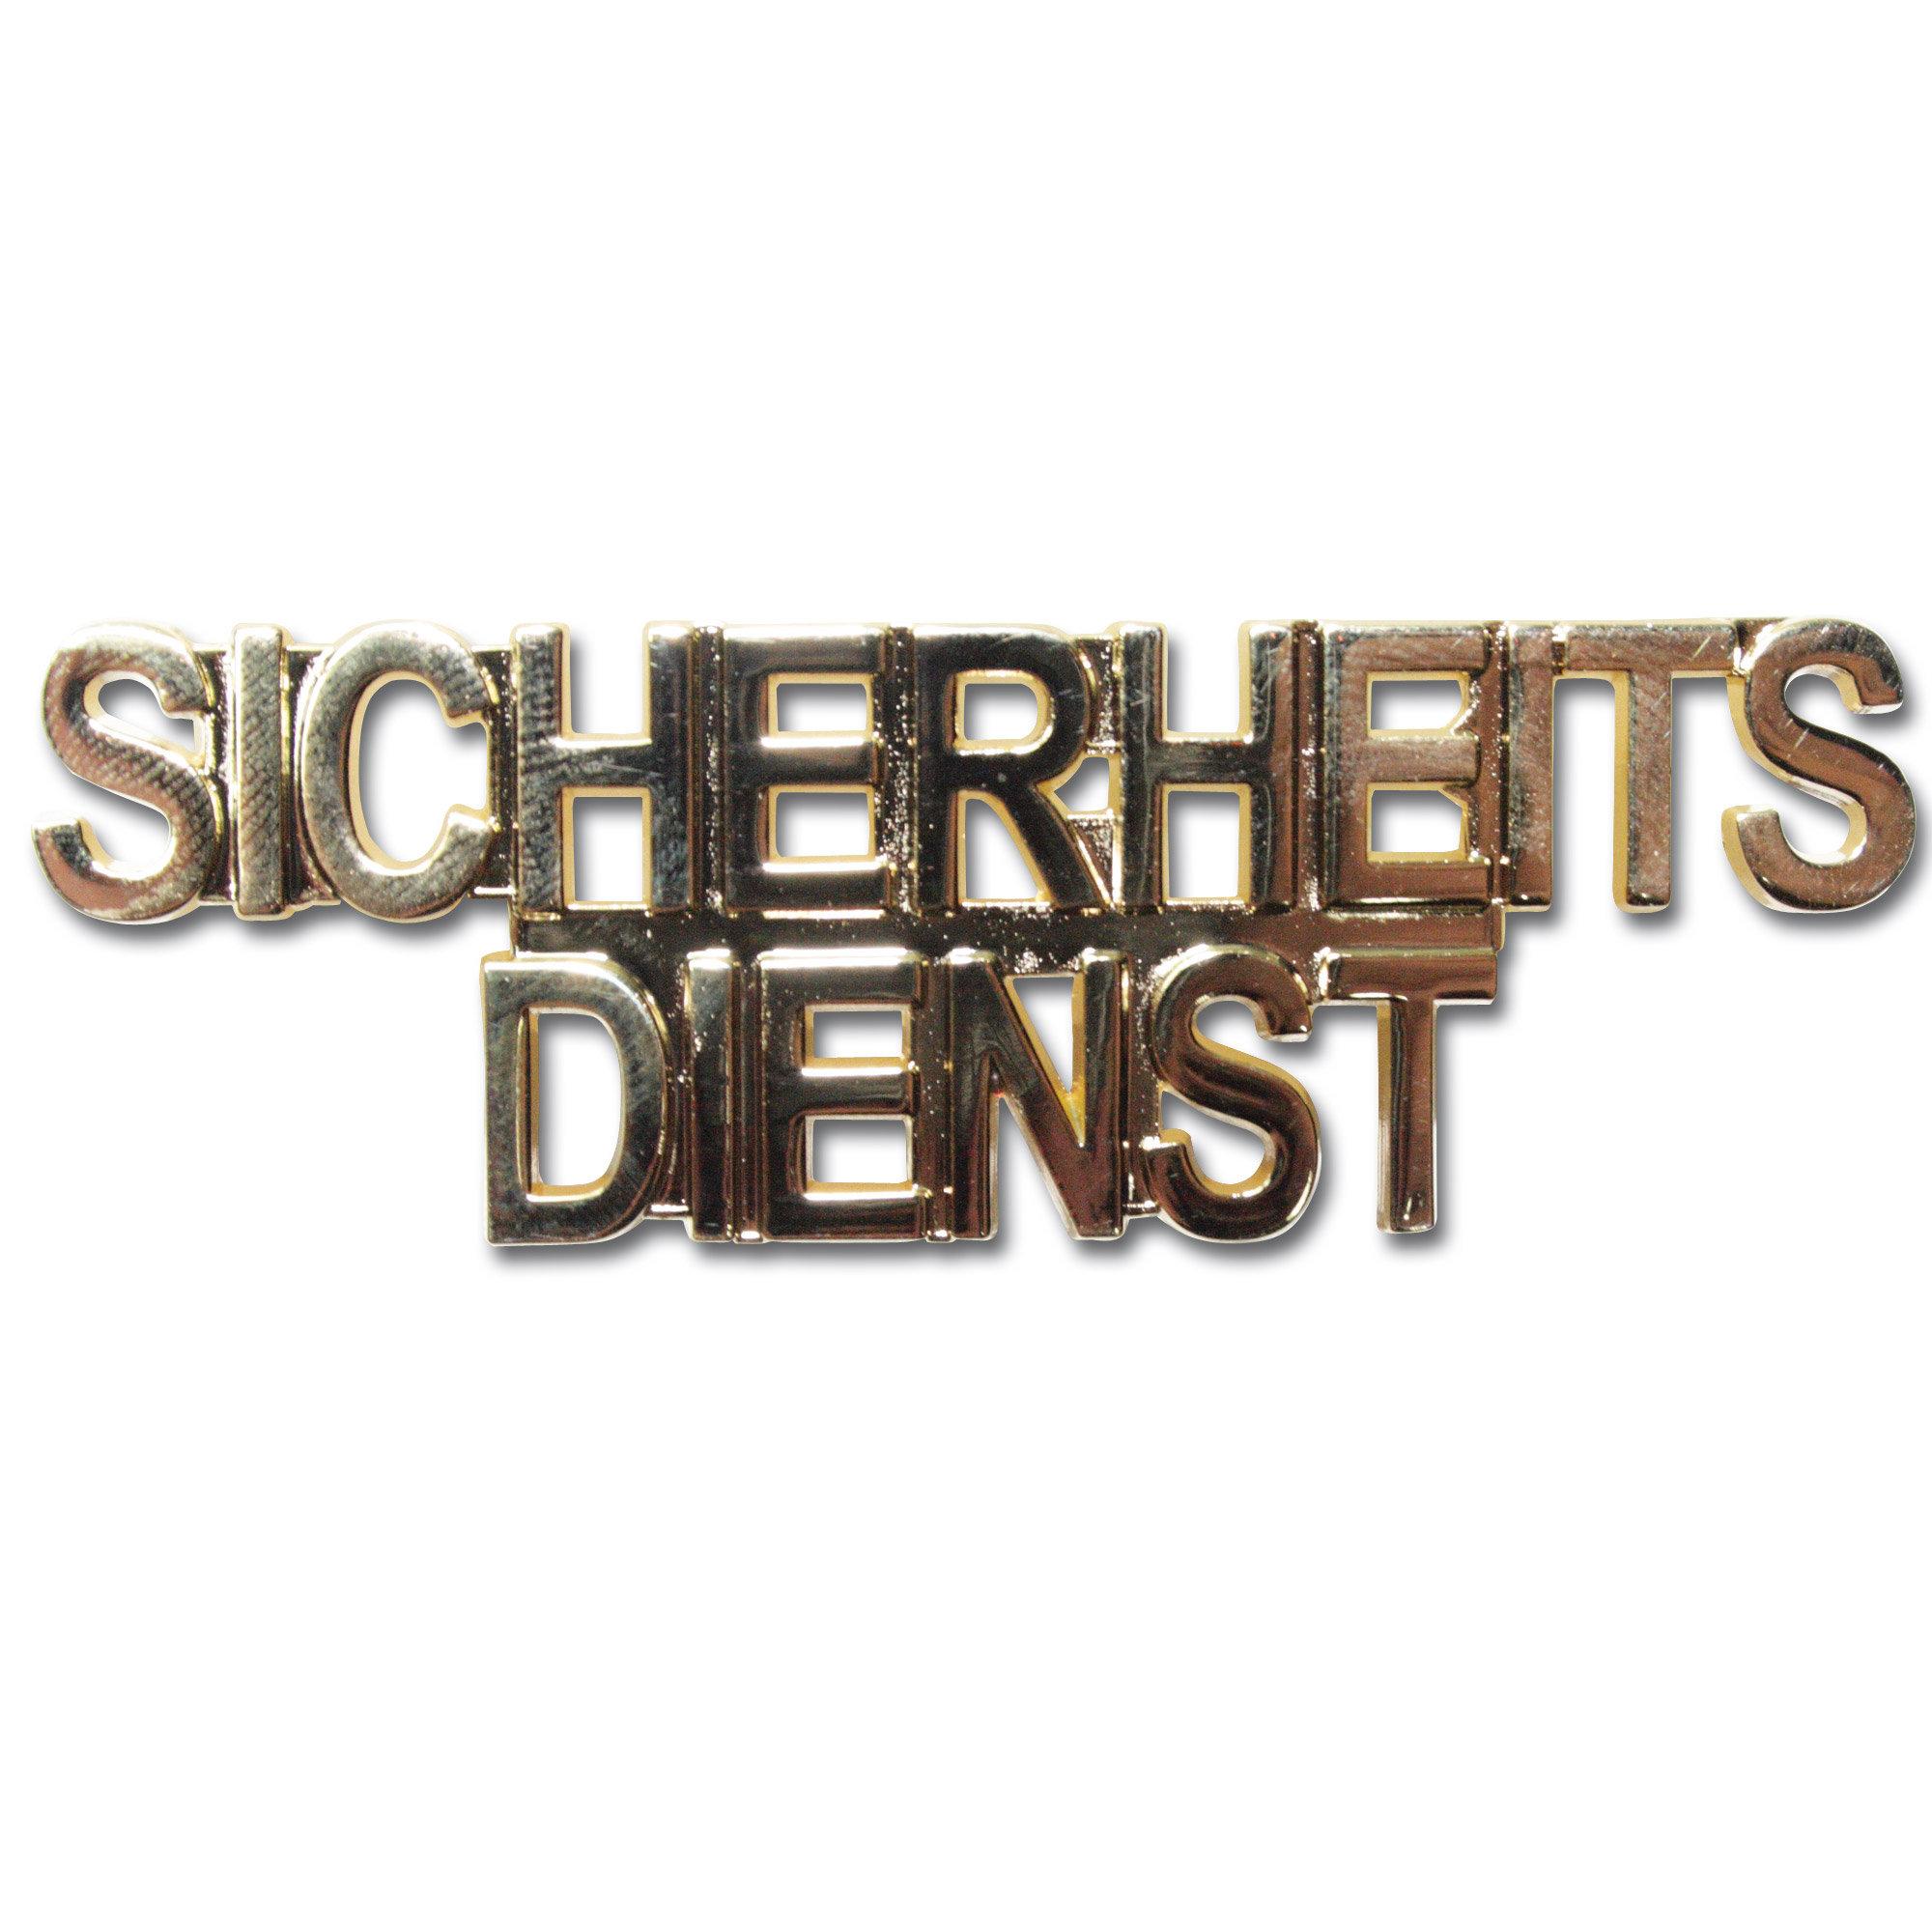 Kragenspiegel SICHERHEITSDIENST gold